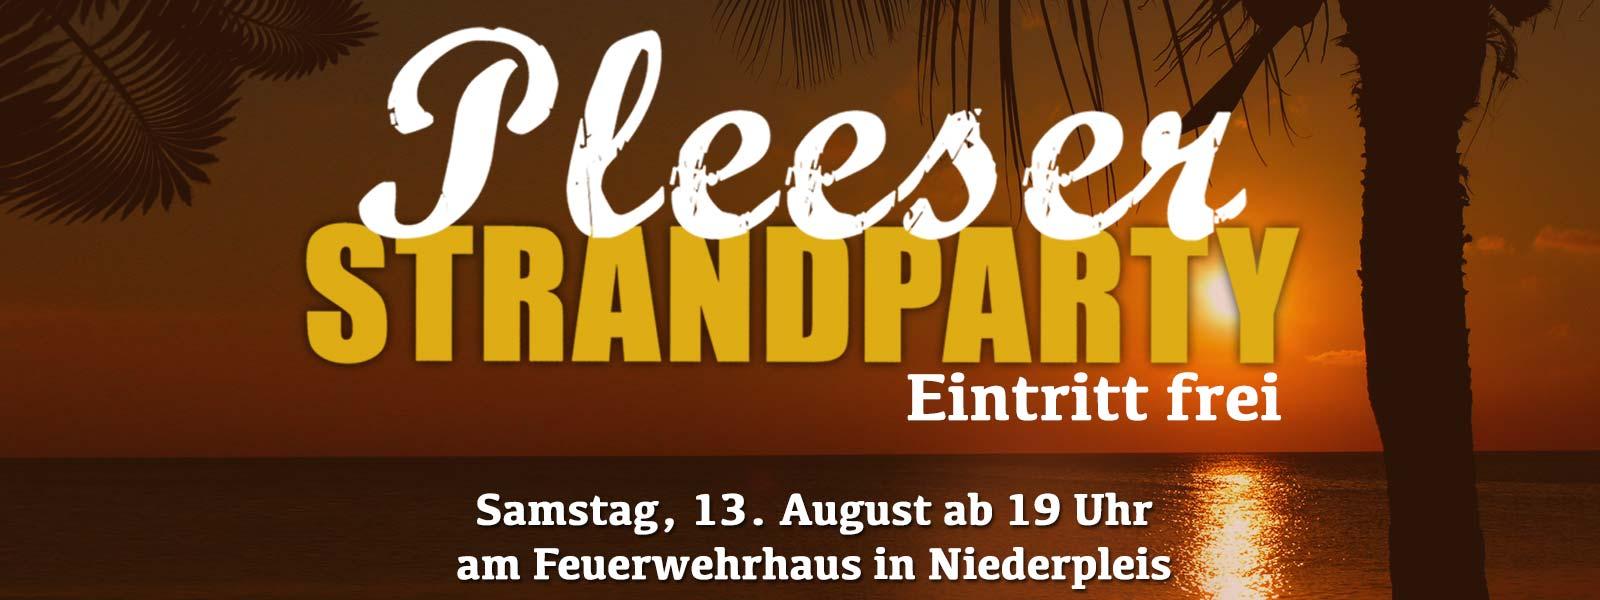 Pleeser Strandparty